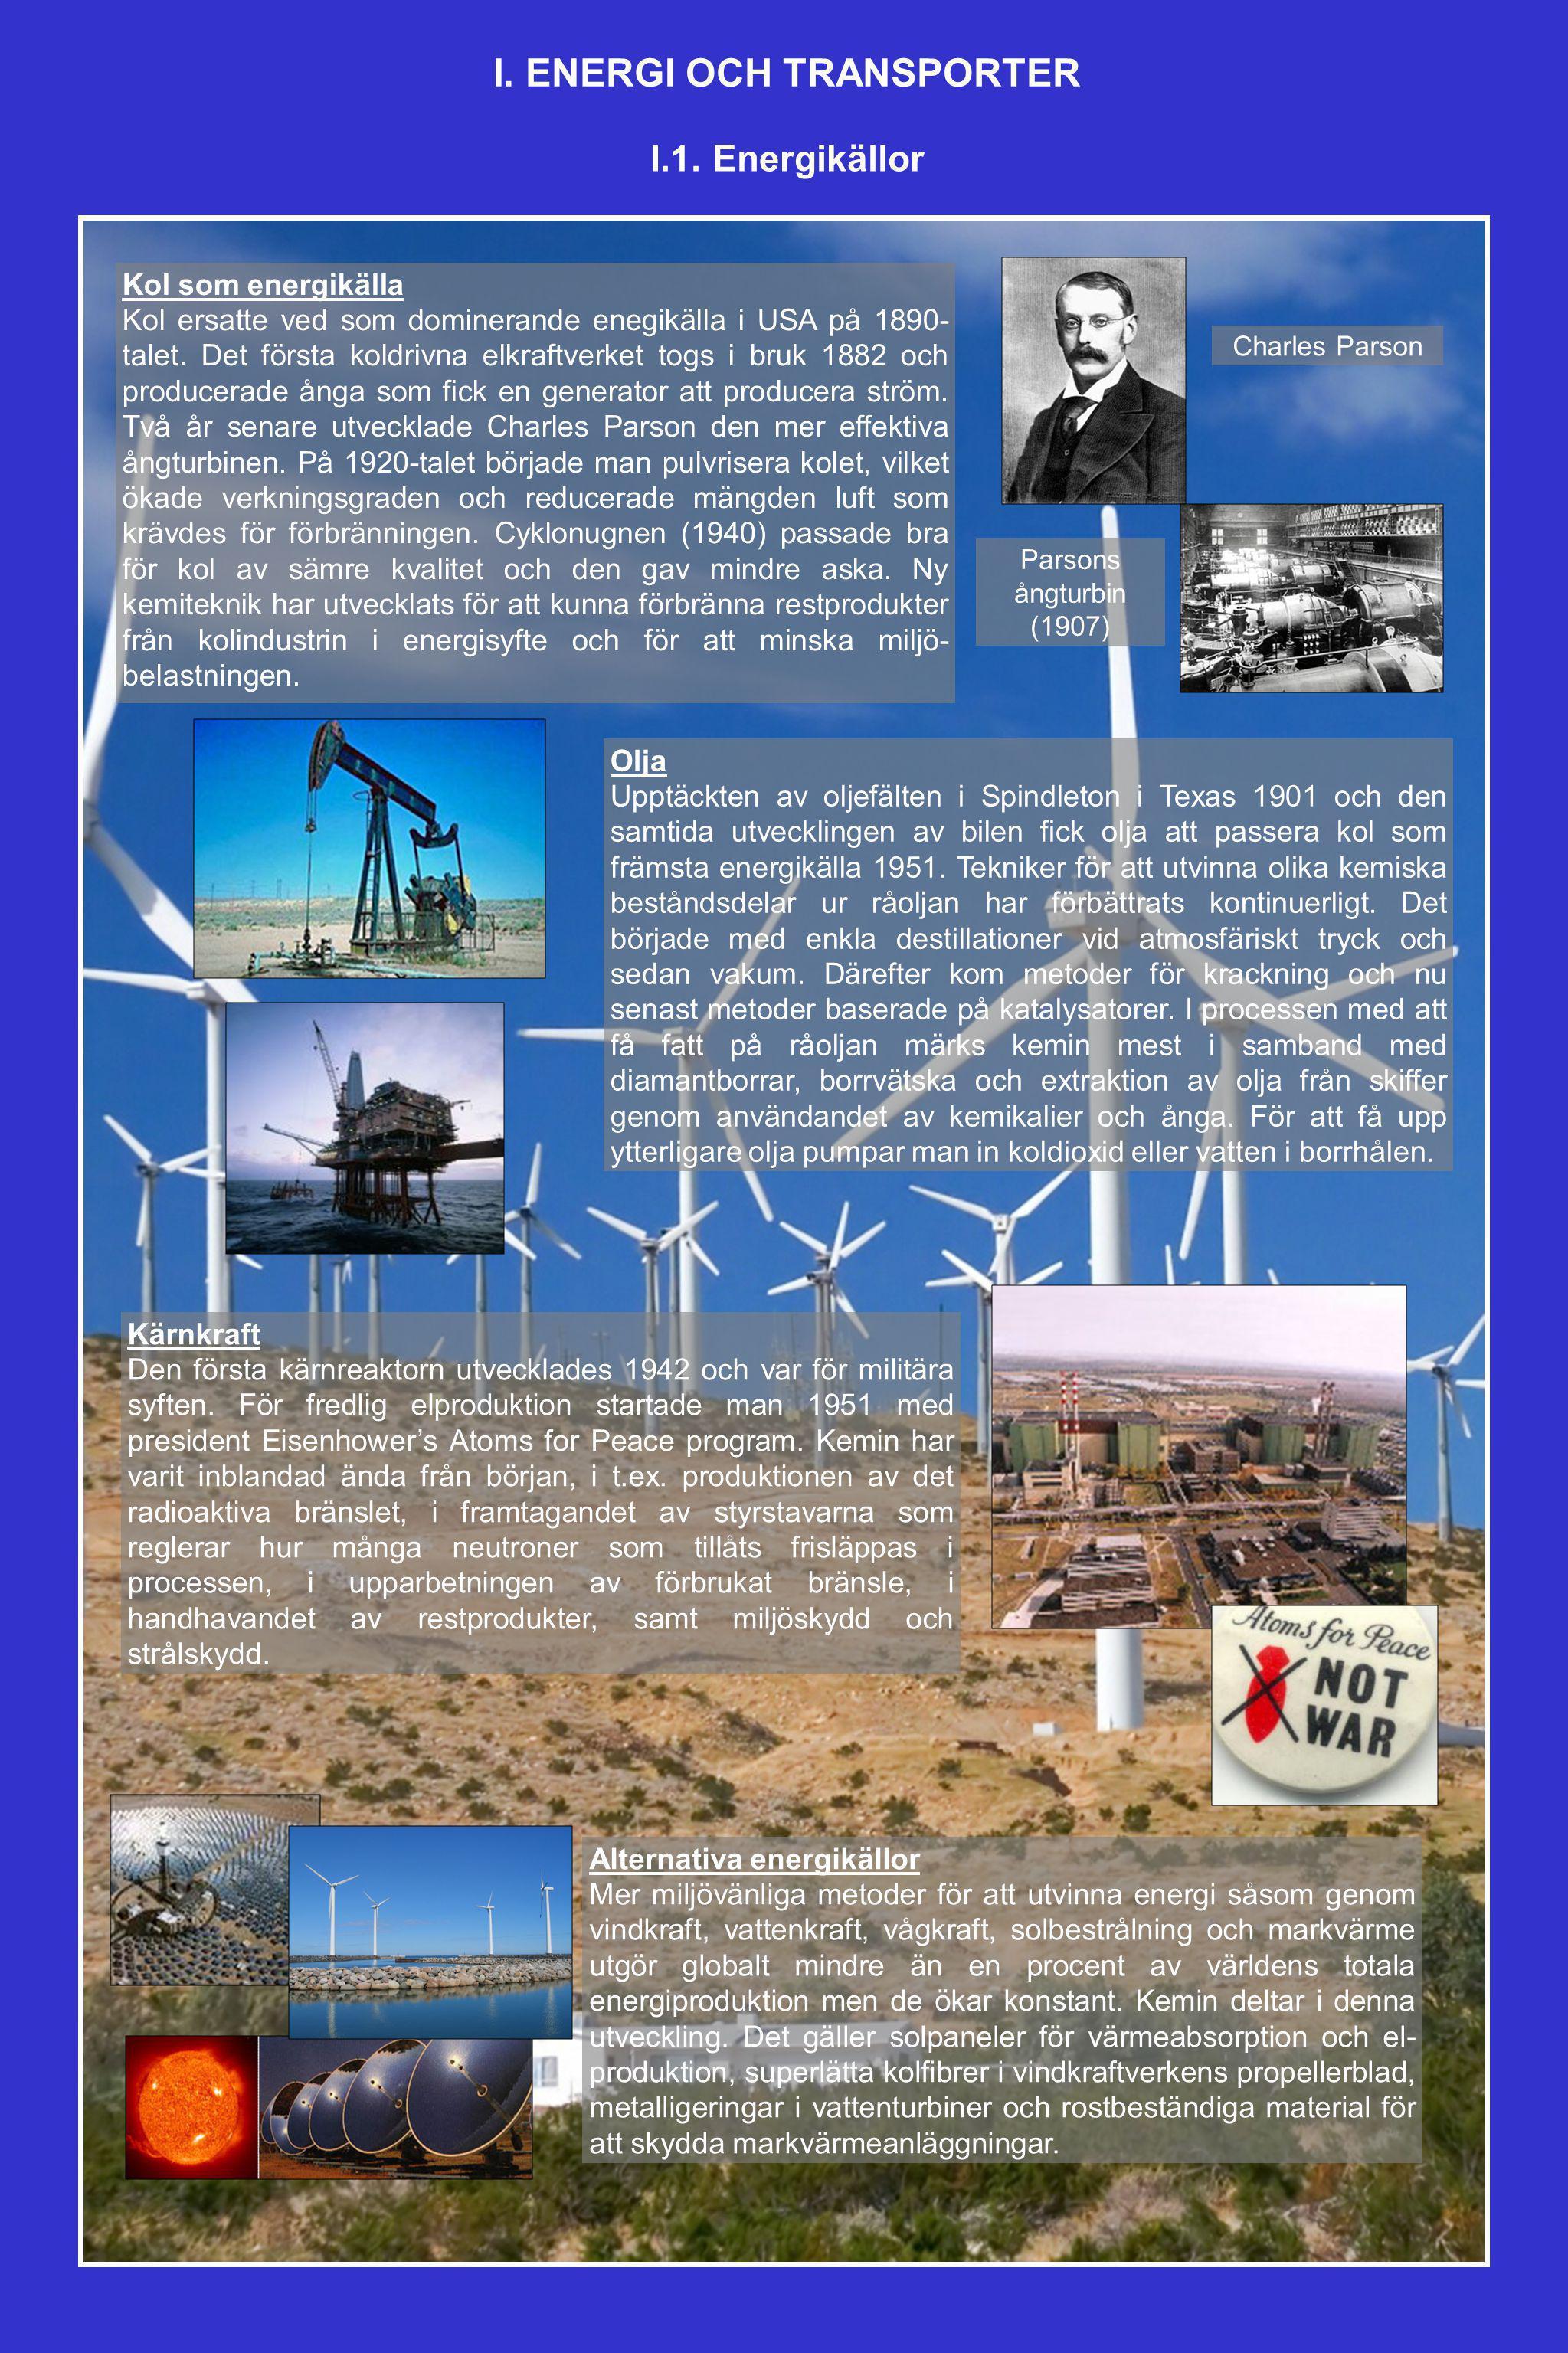 Kol som energikälla Kol ersatte ved som dominerande enegikälla i USA på 1890- talet. Det första koldrivna elkraftverket togs i bruk 1882 och producera